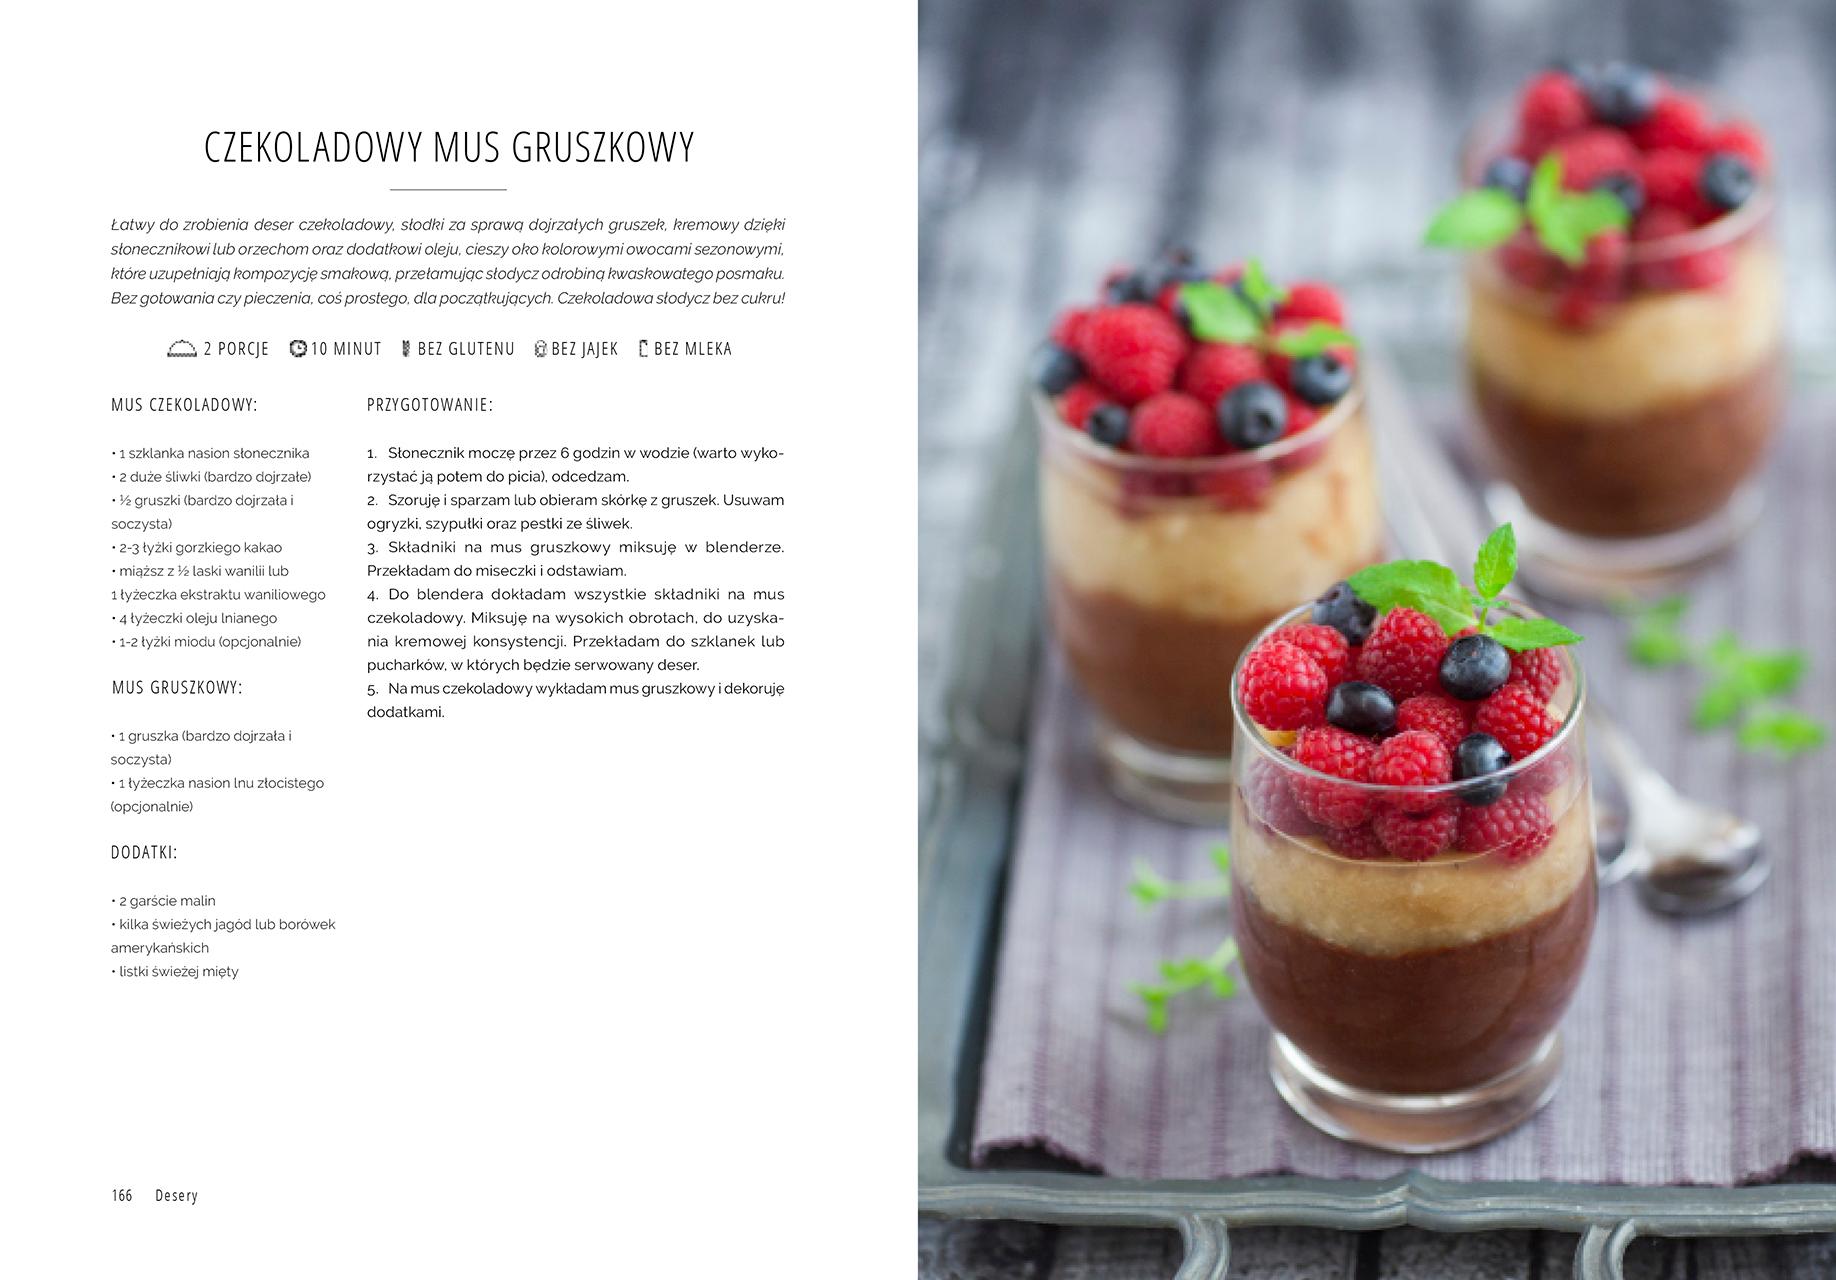 Superfood po polsku - przepis na czekoladowy mus gruszkowy